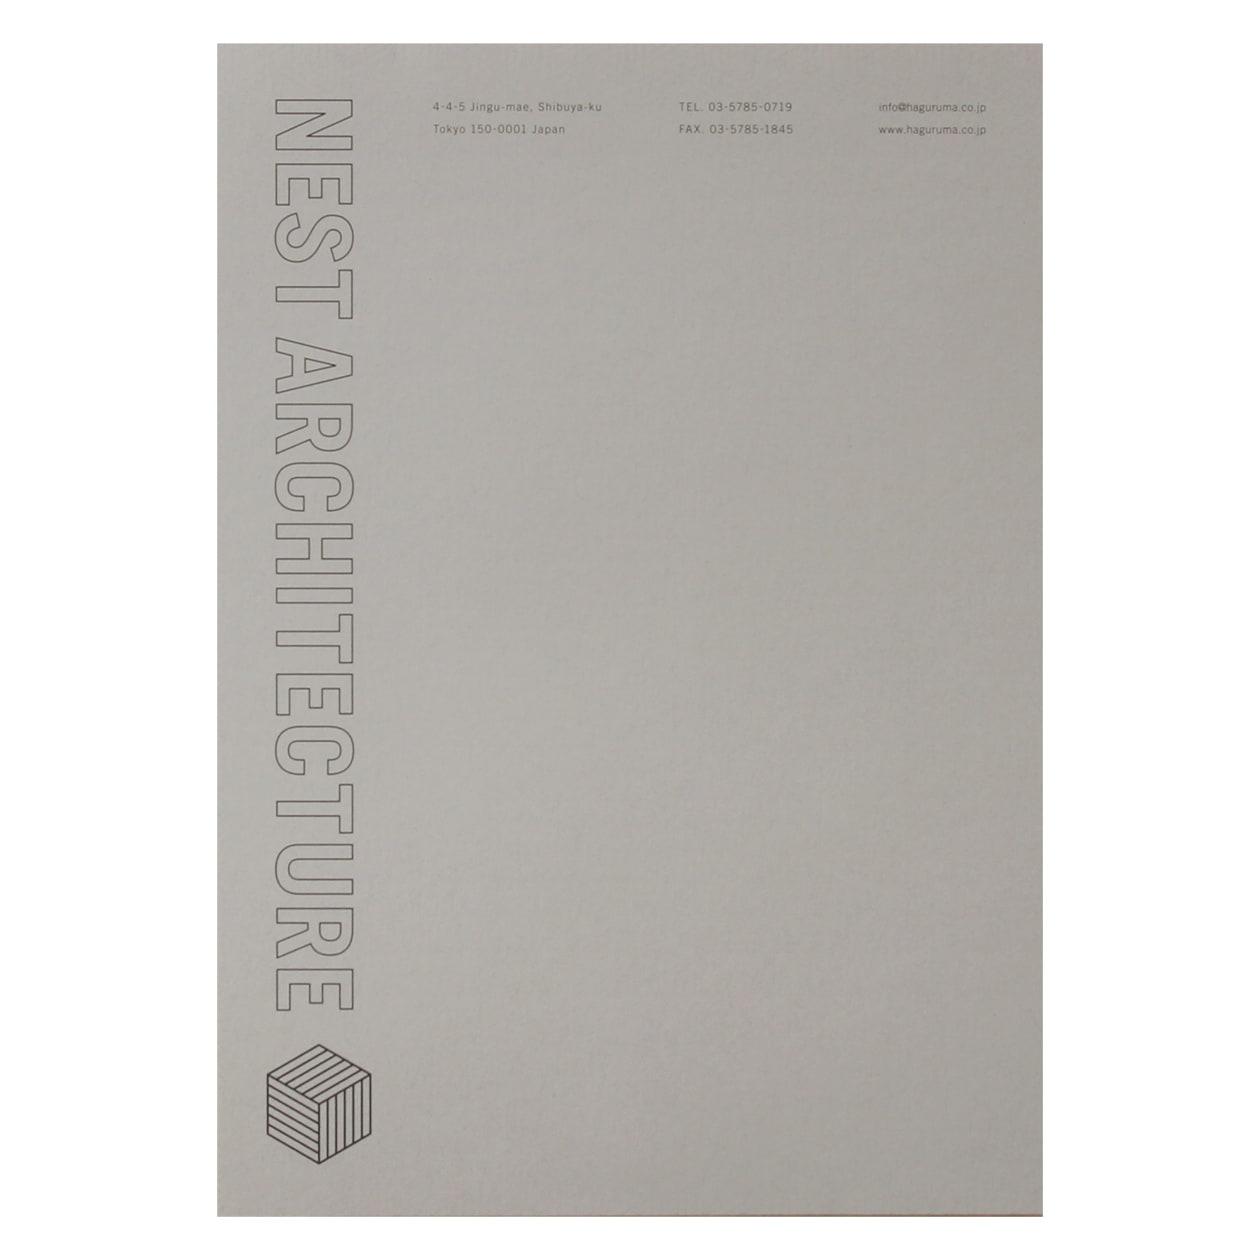 サンプル カード・シート 00333